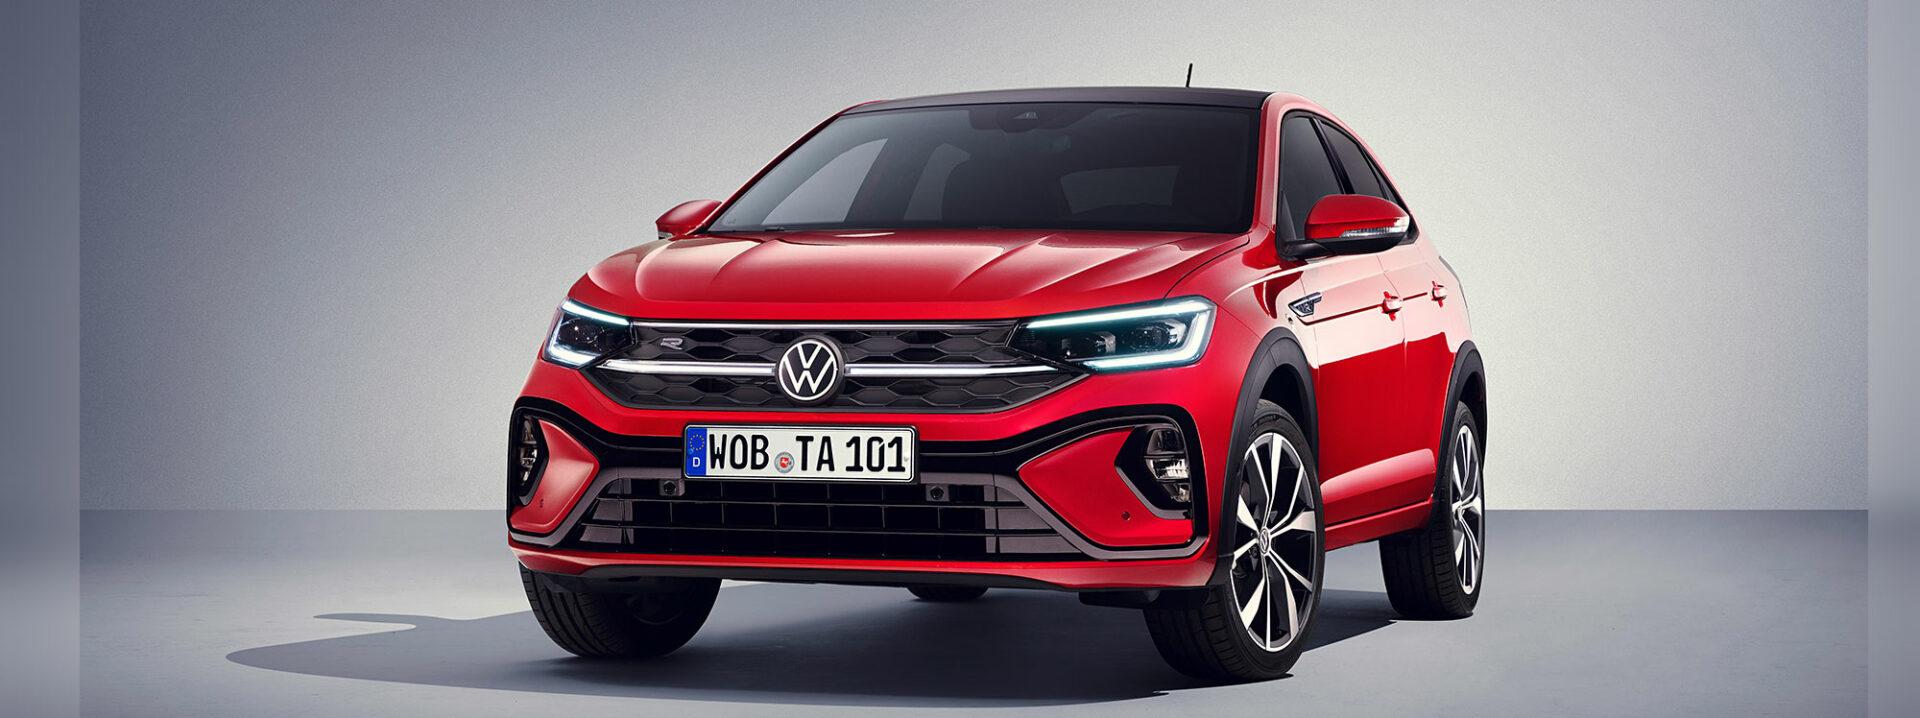 Volkswagen presenta el nuevo Taigo